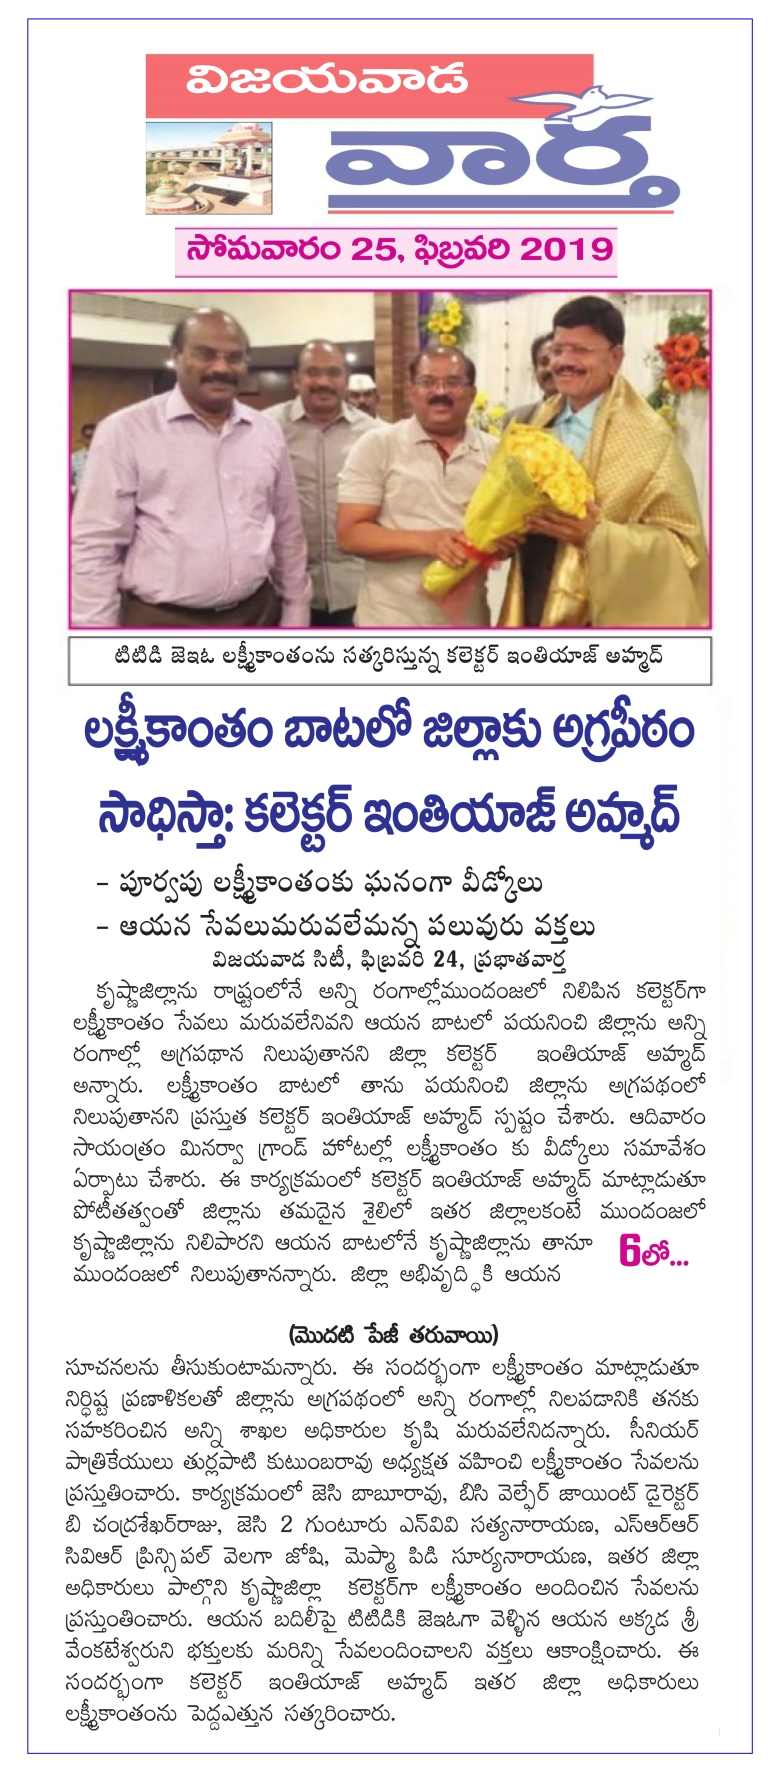 Felicitation at Vijayawada Vaartha 25-02-2019.jpg